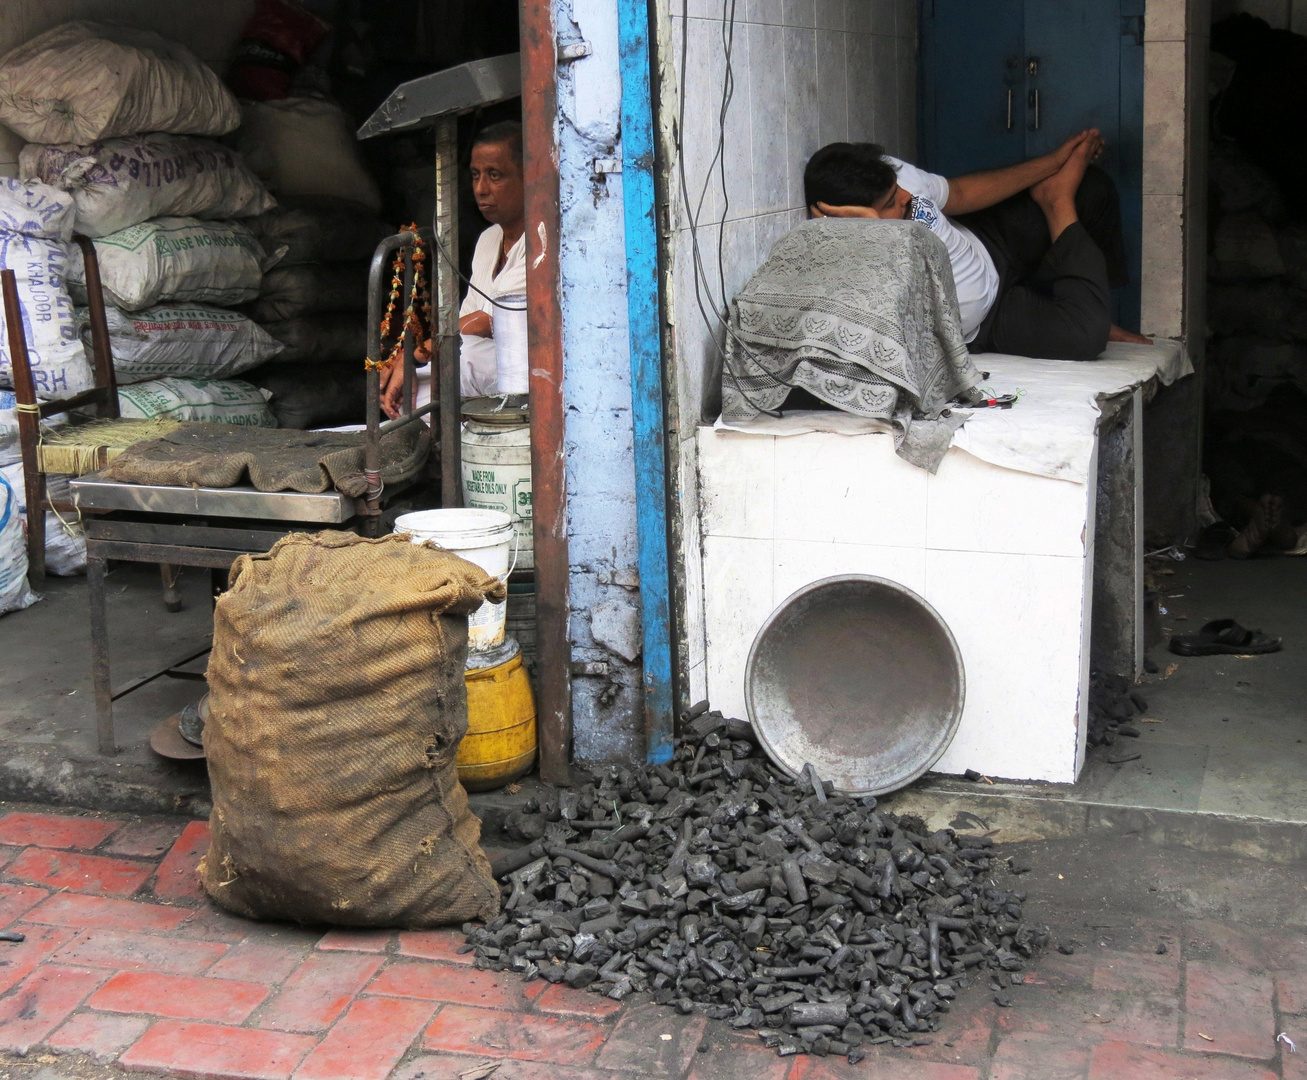 Kohlenhändler